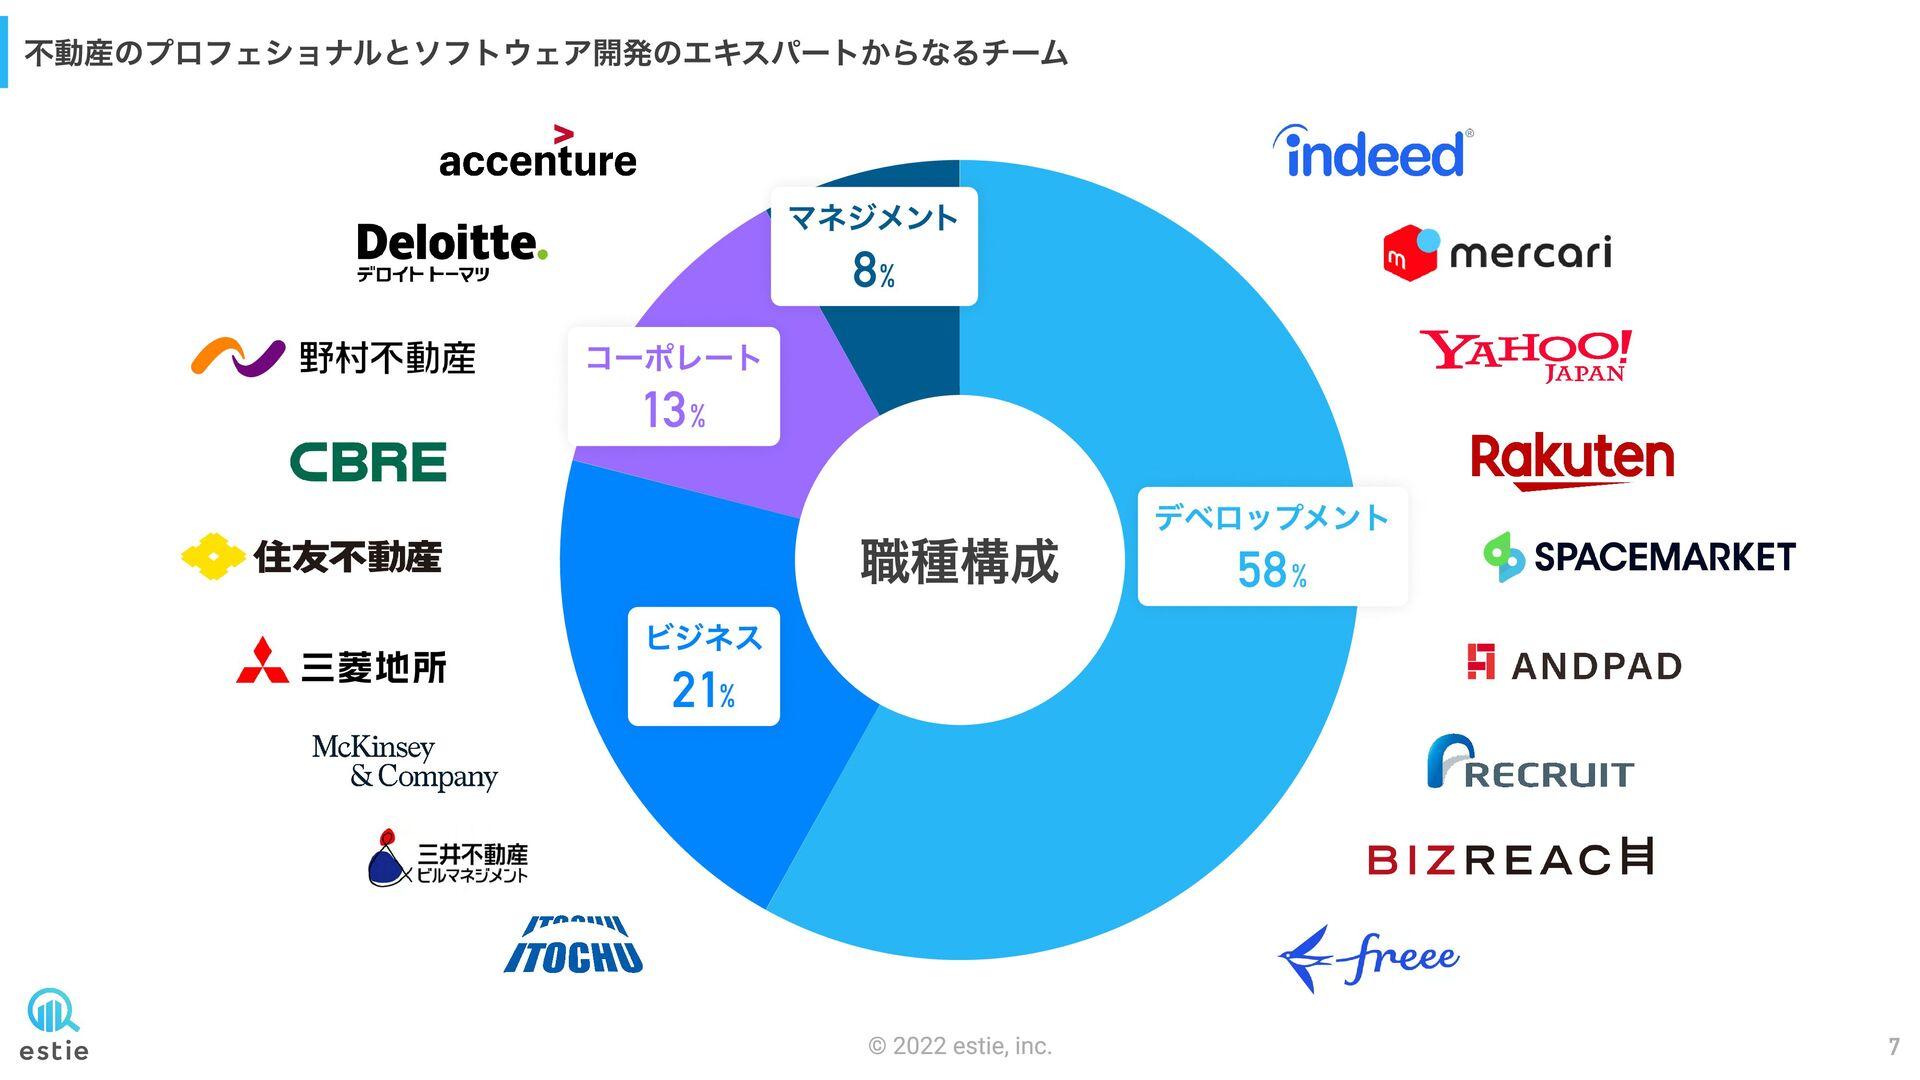 不動産のプロフェショナルとソフトウェア開発のエキスパートからなるチーム 平井 瑛 CEO 東京...